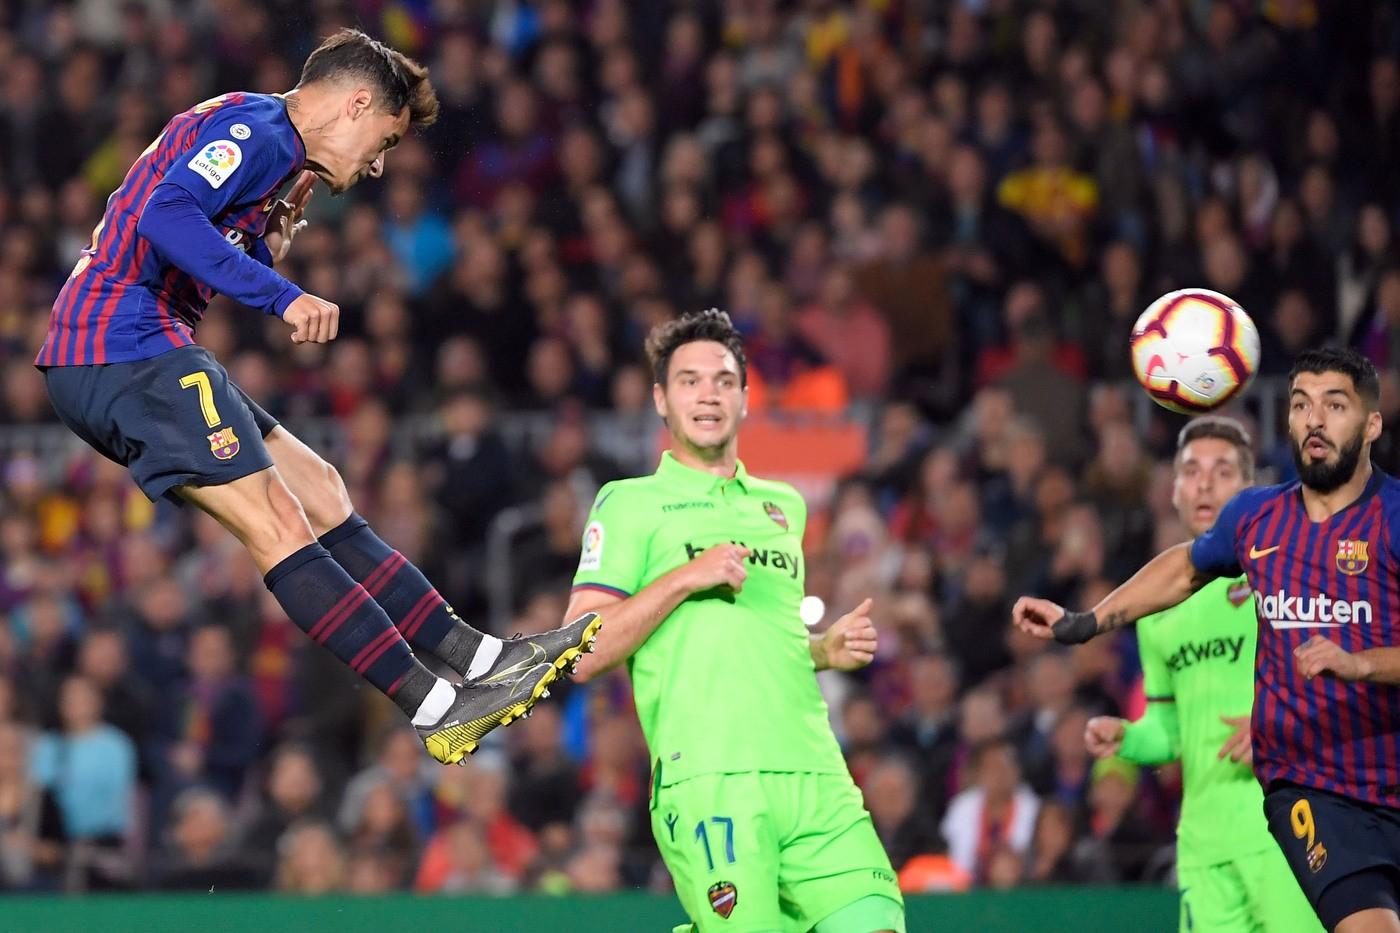 Parma-Sampdoria 2-1: Inglese e Sprocati firmano la rimonta